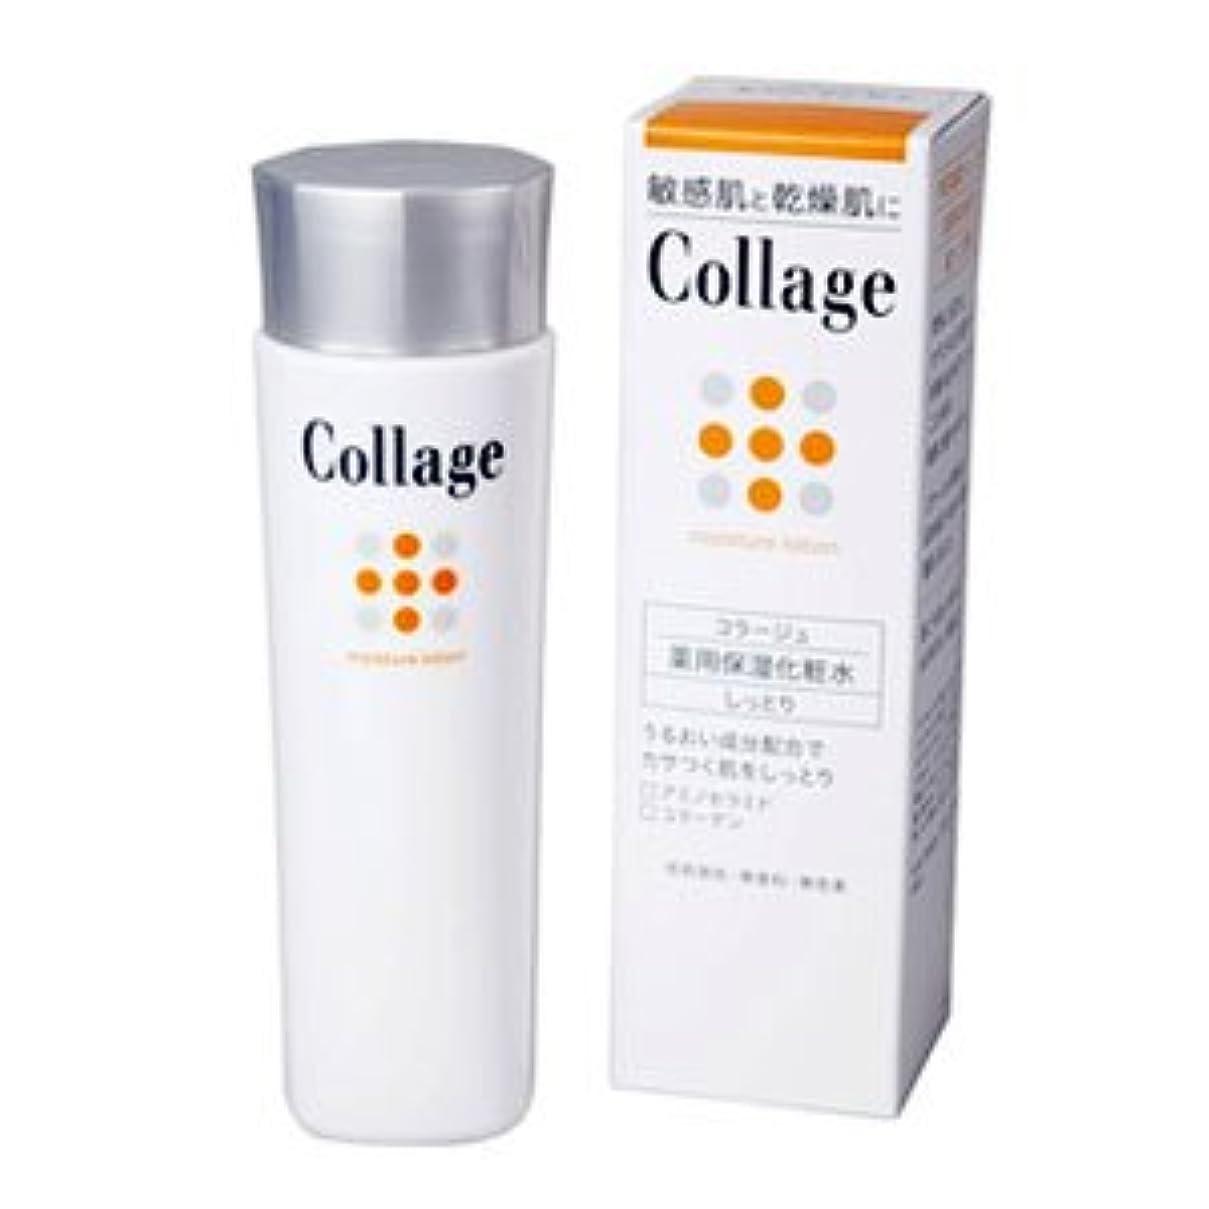 連想妊娠した含むコラージュ 薬用保湿化粧水 しっとり 120ml×2 【持田ヘルスケア】 3740